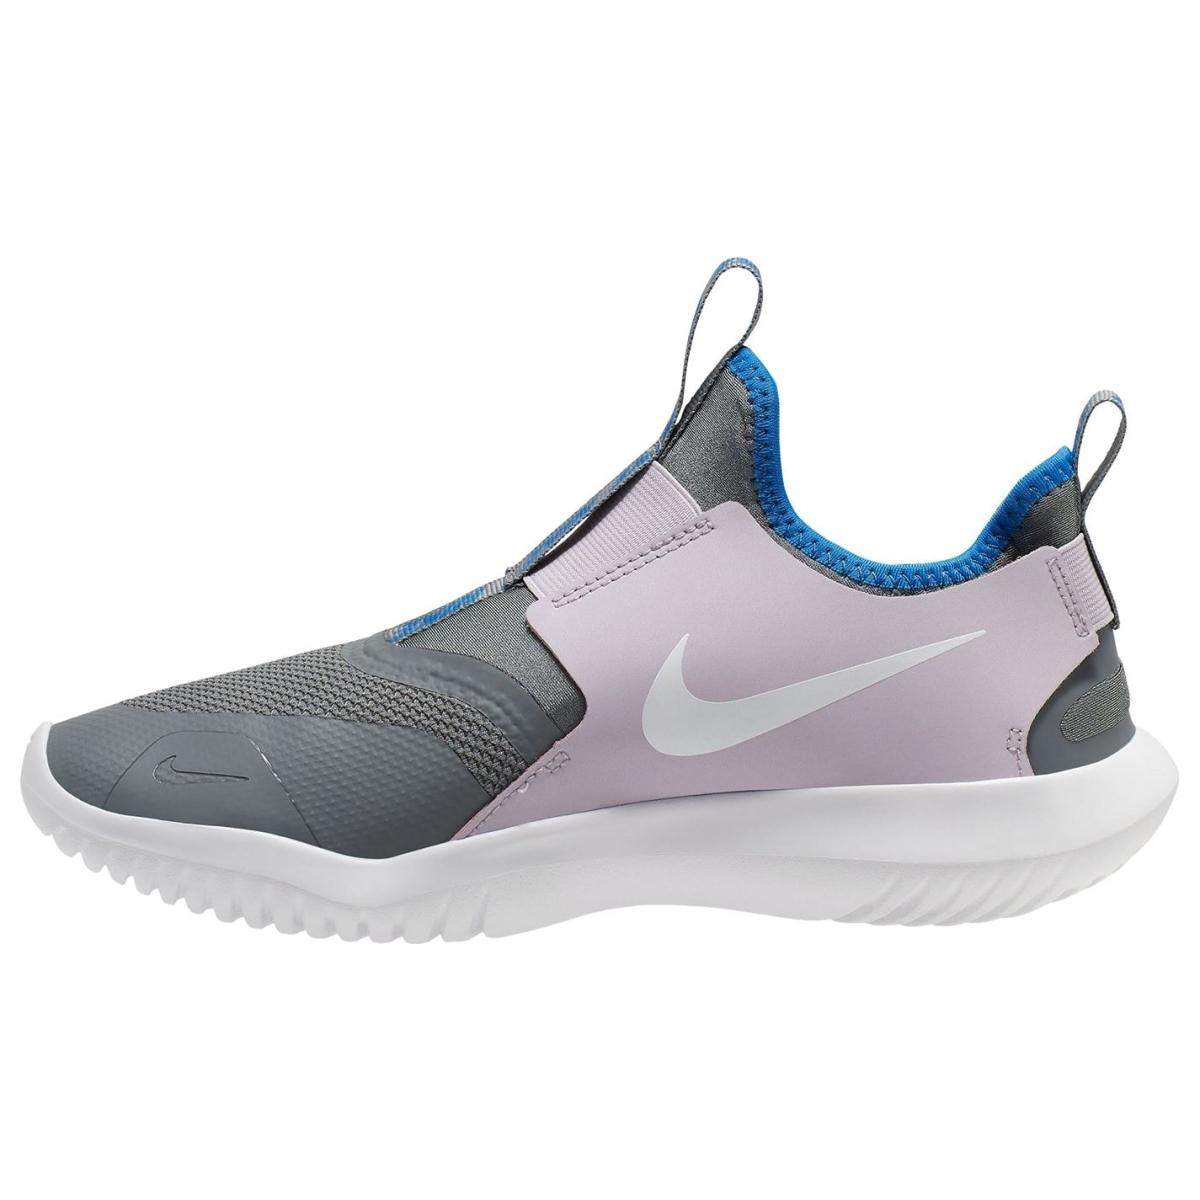 Nike Flex Runner Turnschuhe Laufschuhe Mädchen Kinder Sneaker Sportschuhe 7025